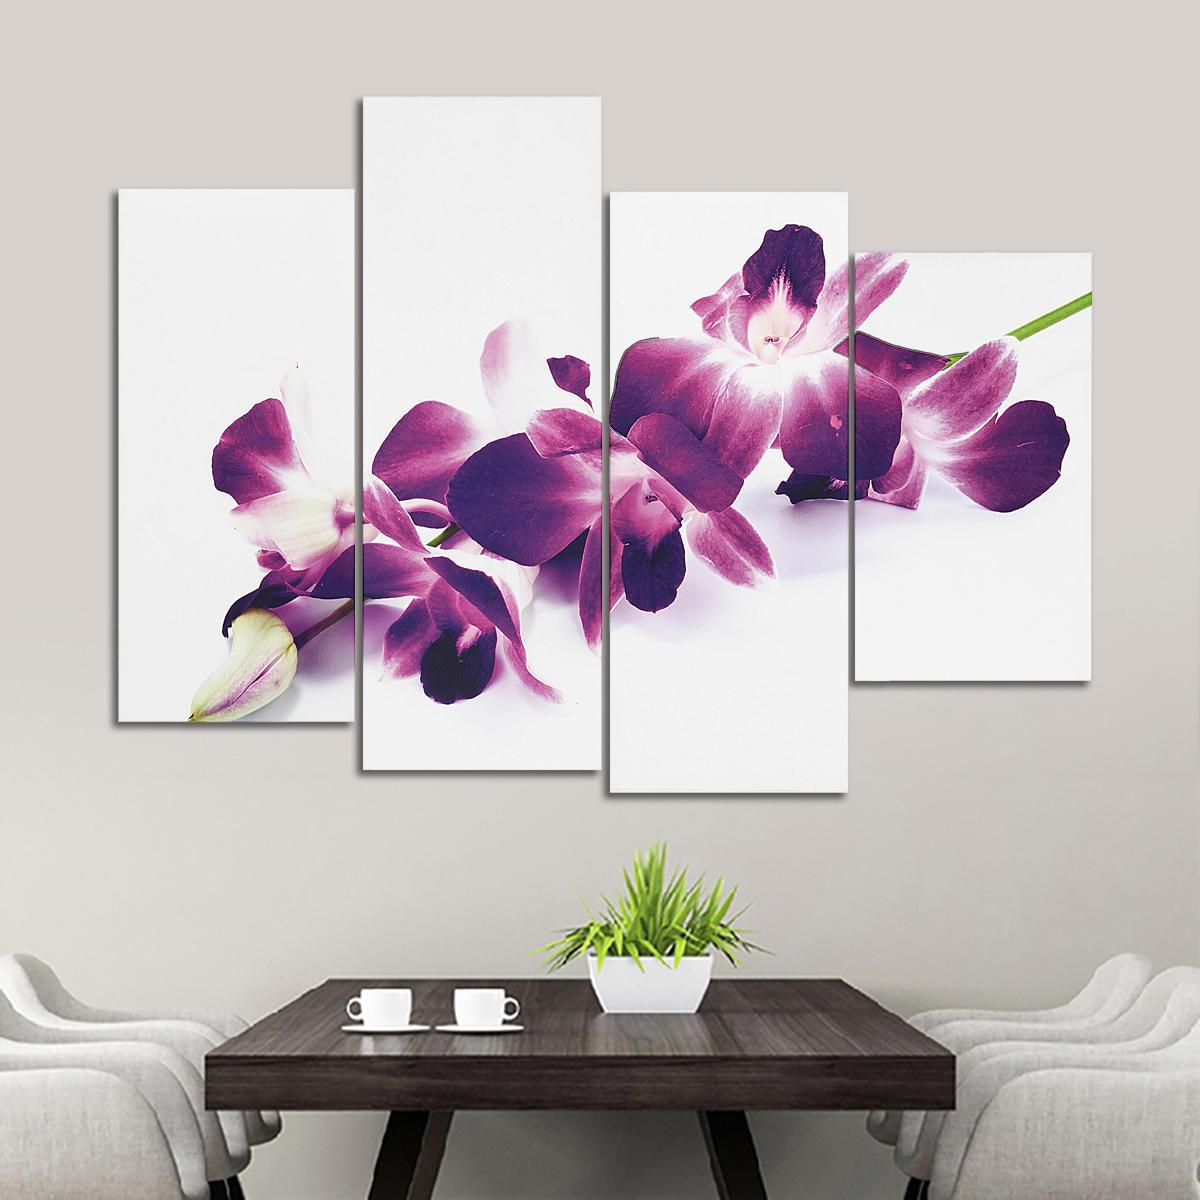 4 Pcs Orquídeas Roxas Ameixa Floral Canvas Pictue Impressão de Parede Dividir Pinturas de Arte Decoração de Casa